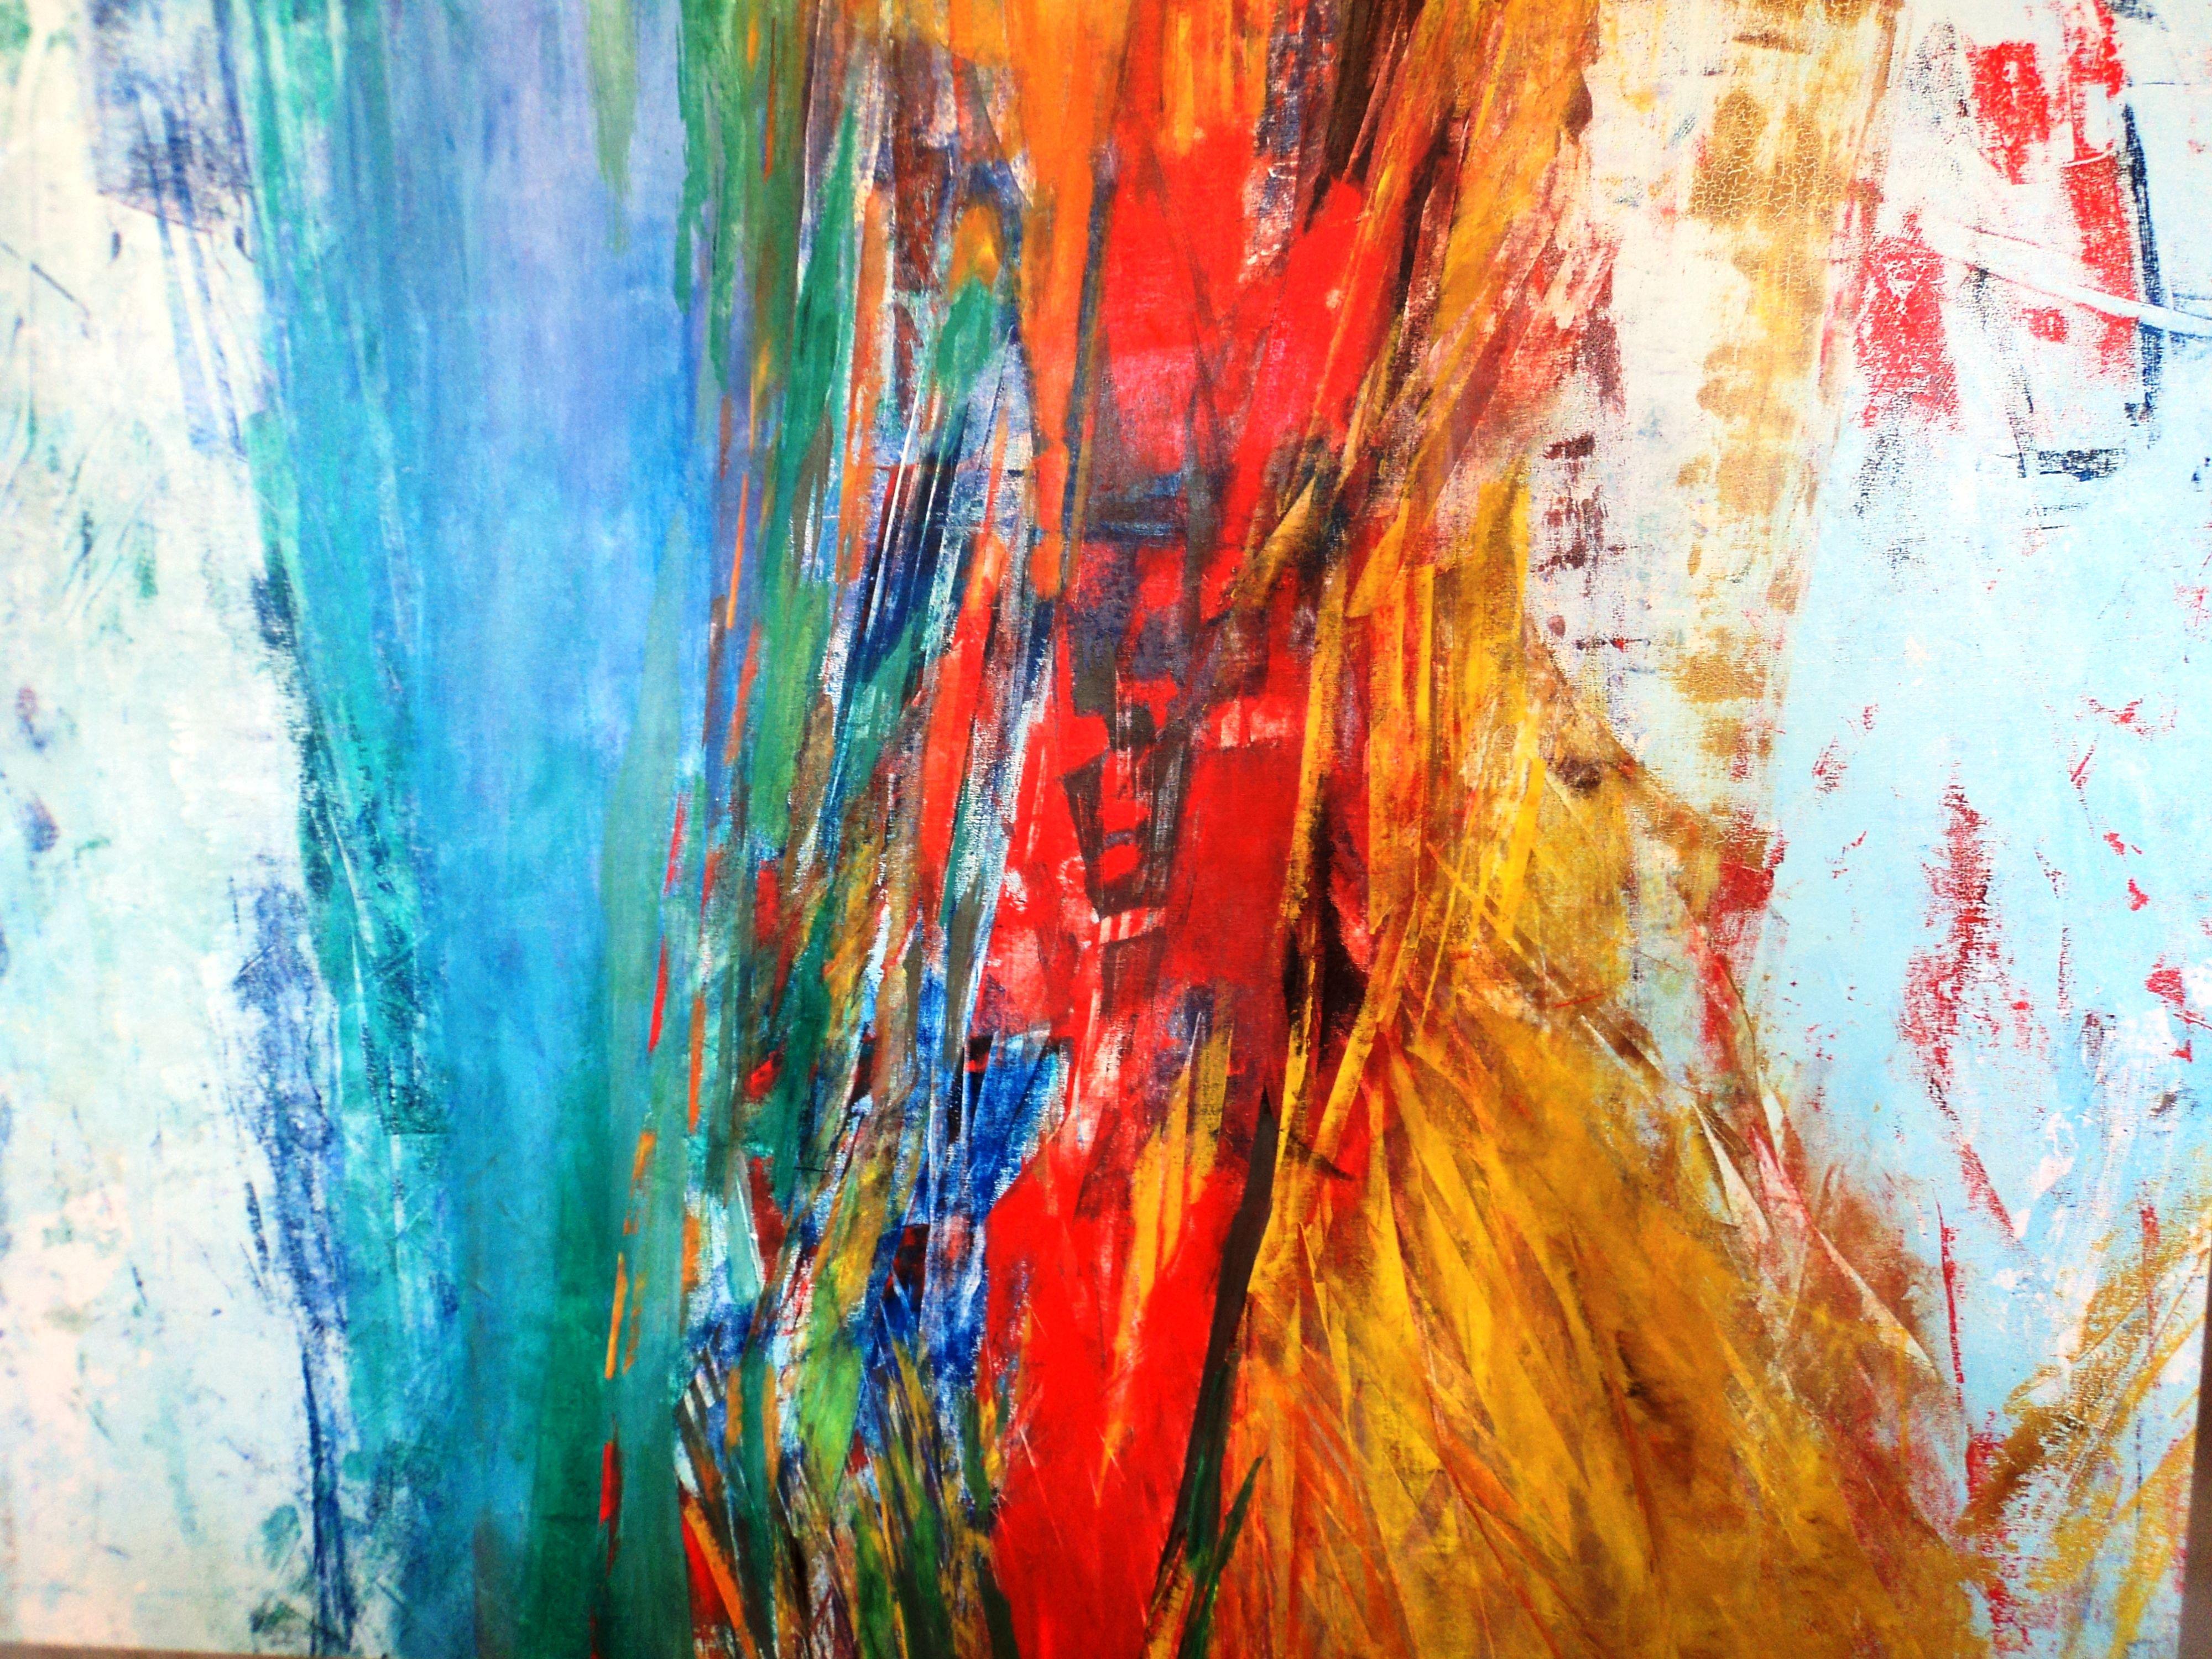 Pintura abstracta elba schwerdt pinturas pinterest - Pinturas acrilicas modernas ...